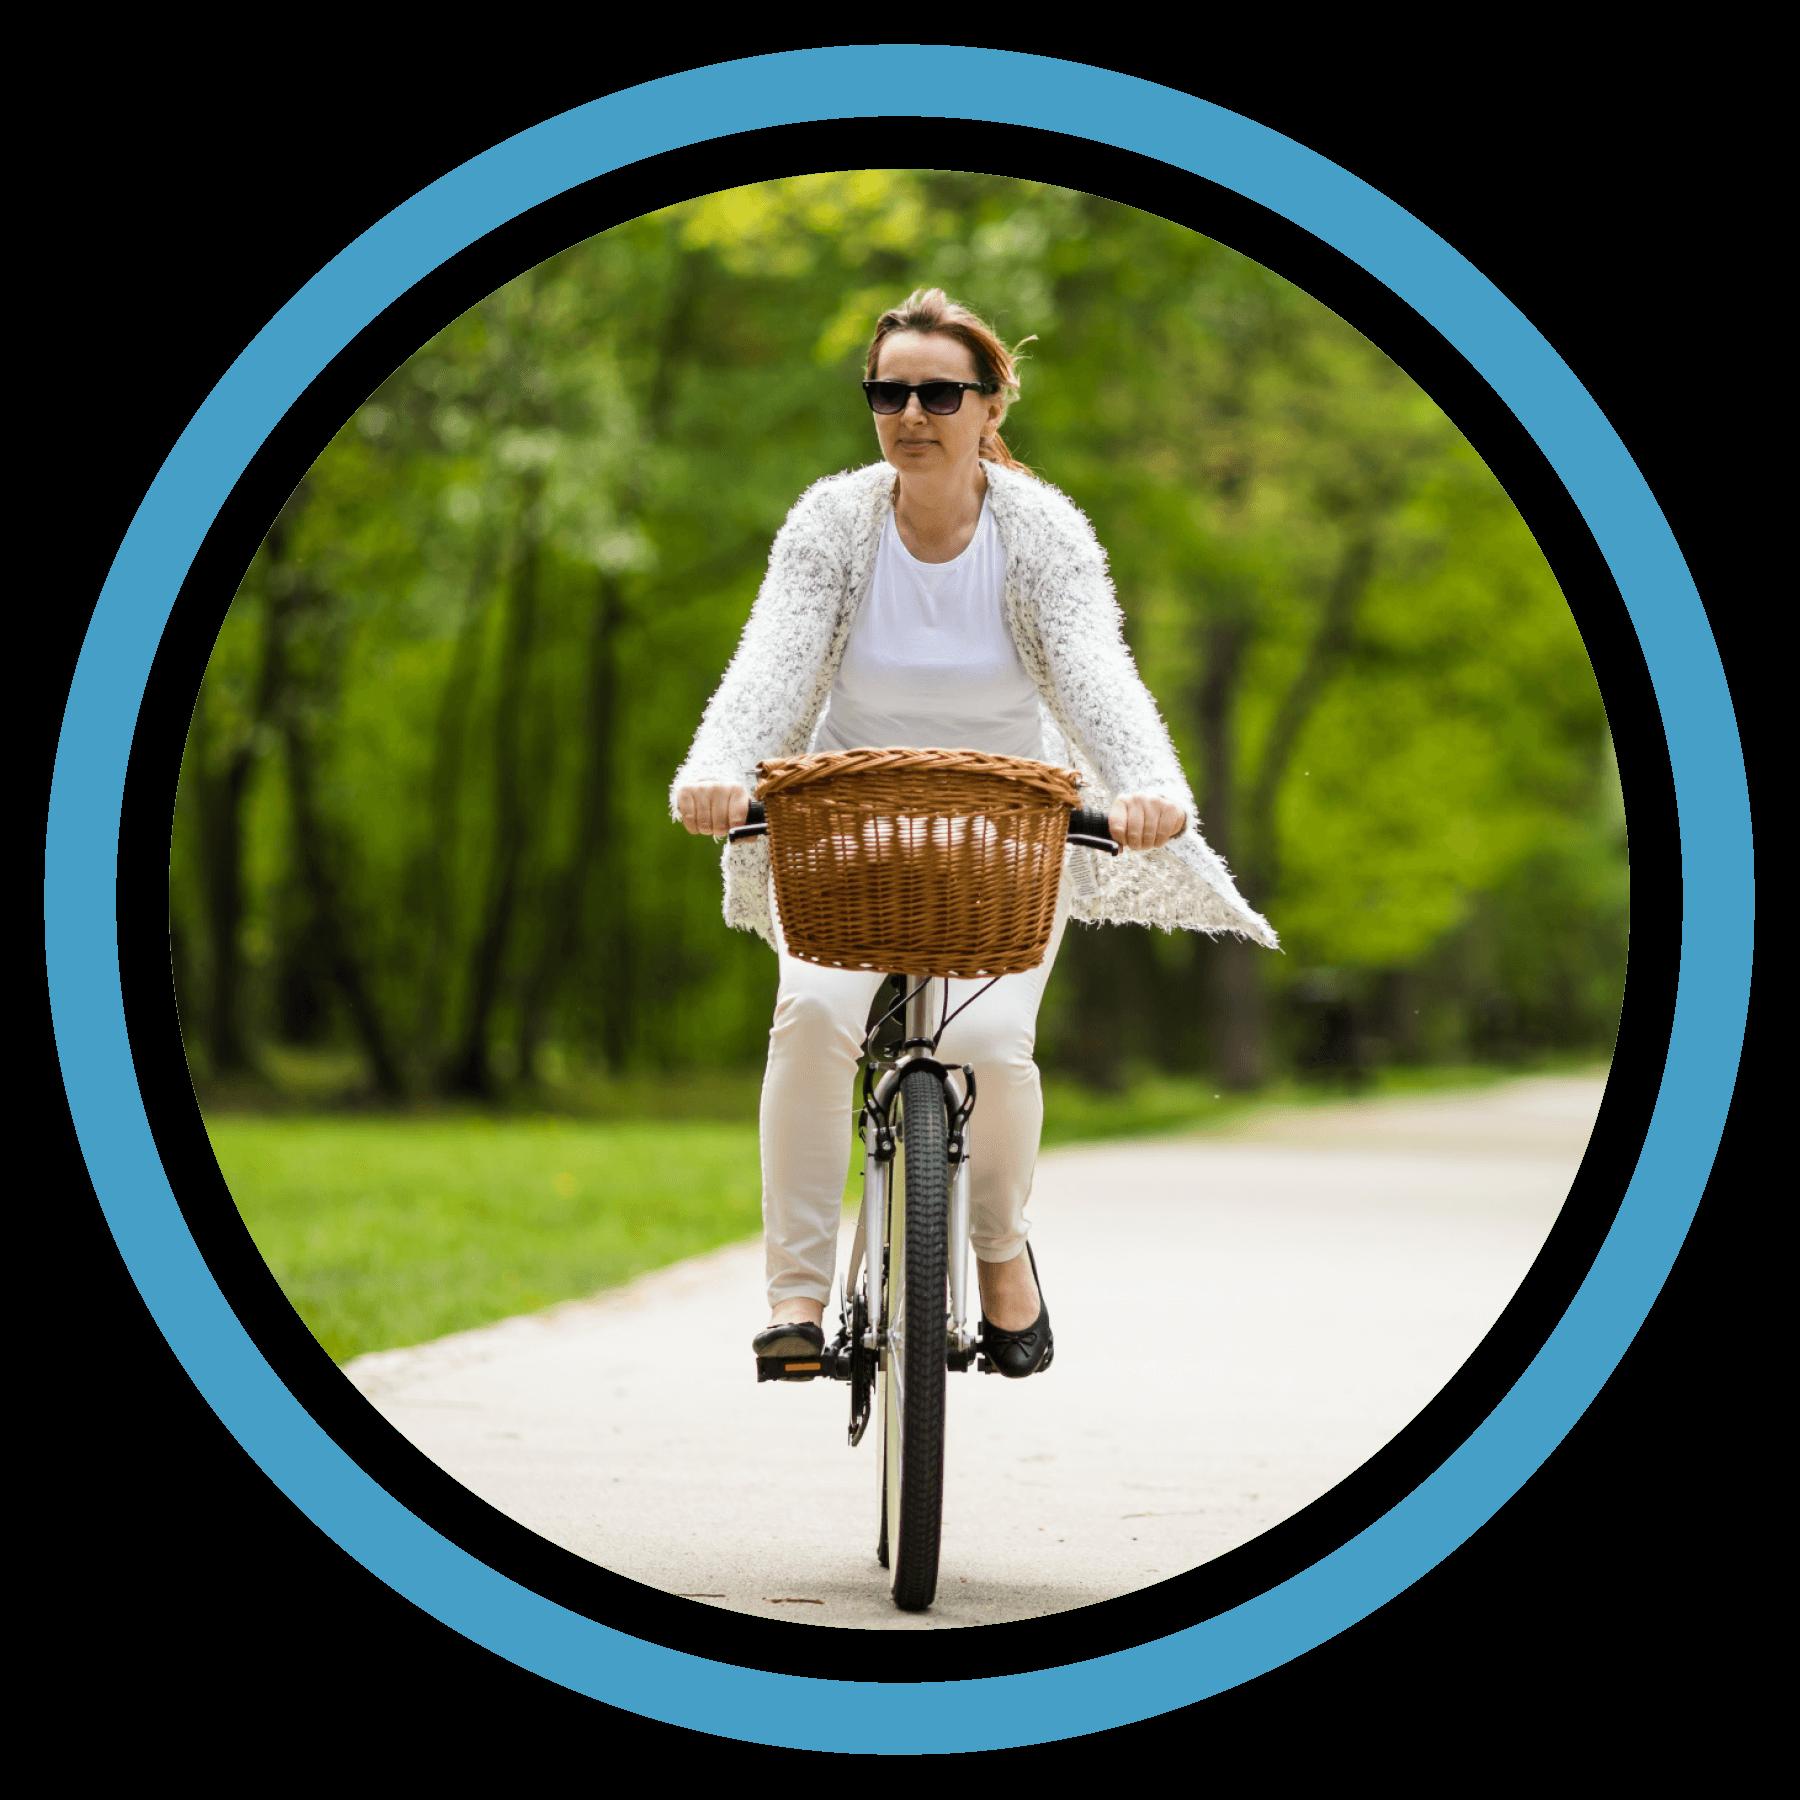 Femme Bicyclette à Sainte-Julie